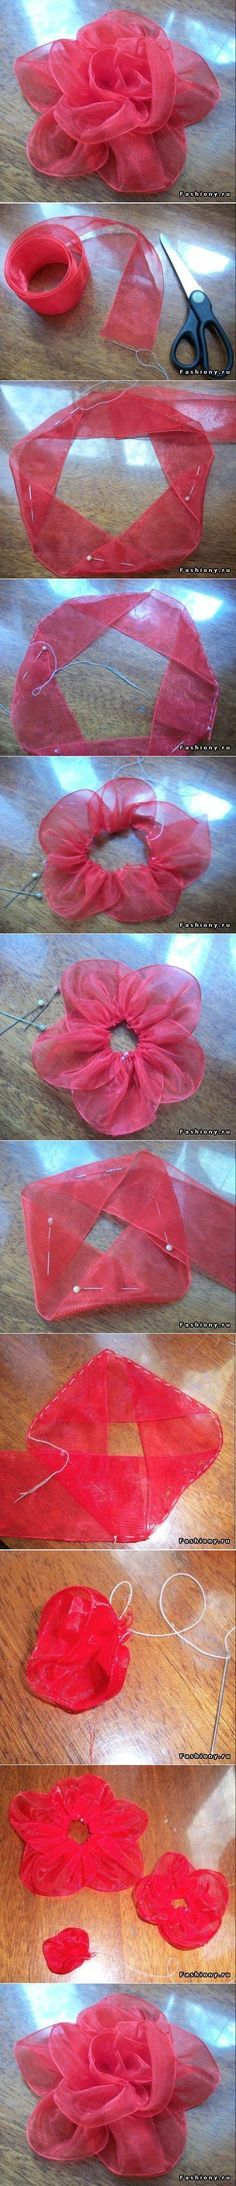 Dedicartesatelie: Flores faceis de fazer